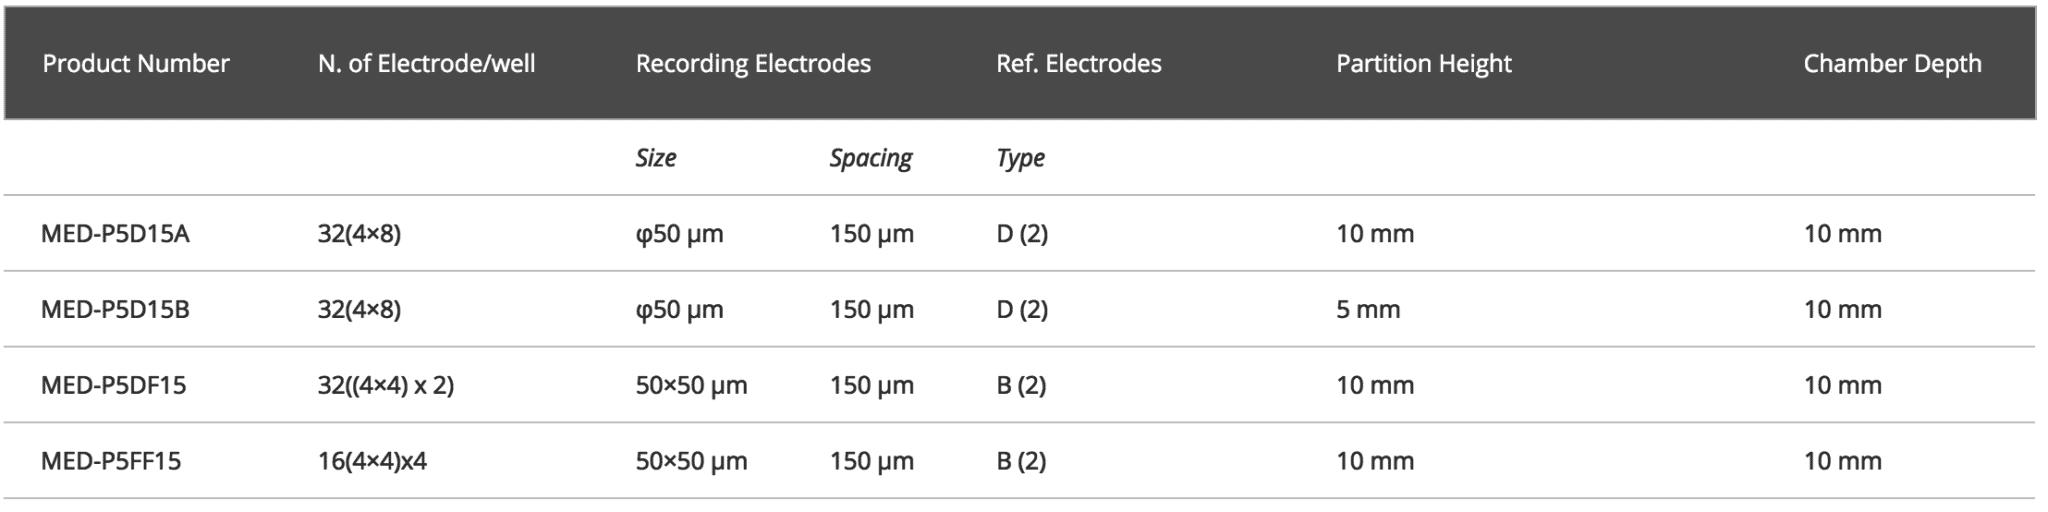 Multi-sampling 2 or 4 Probe